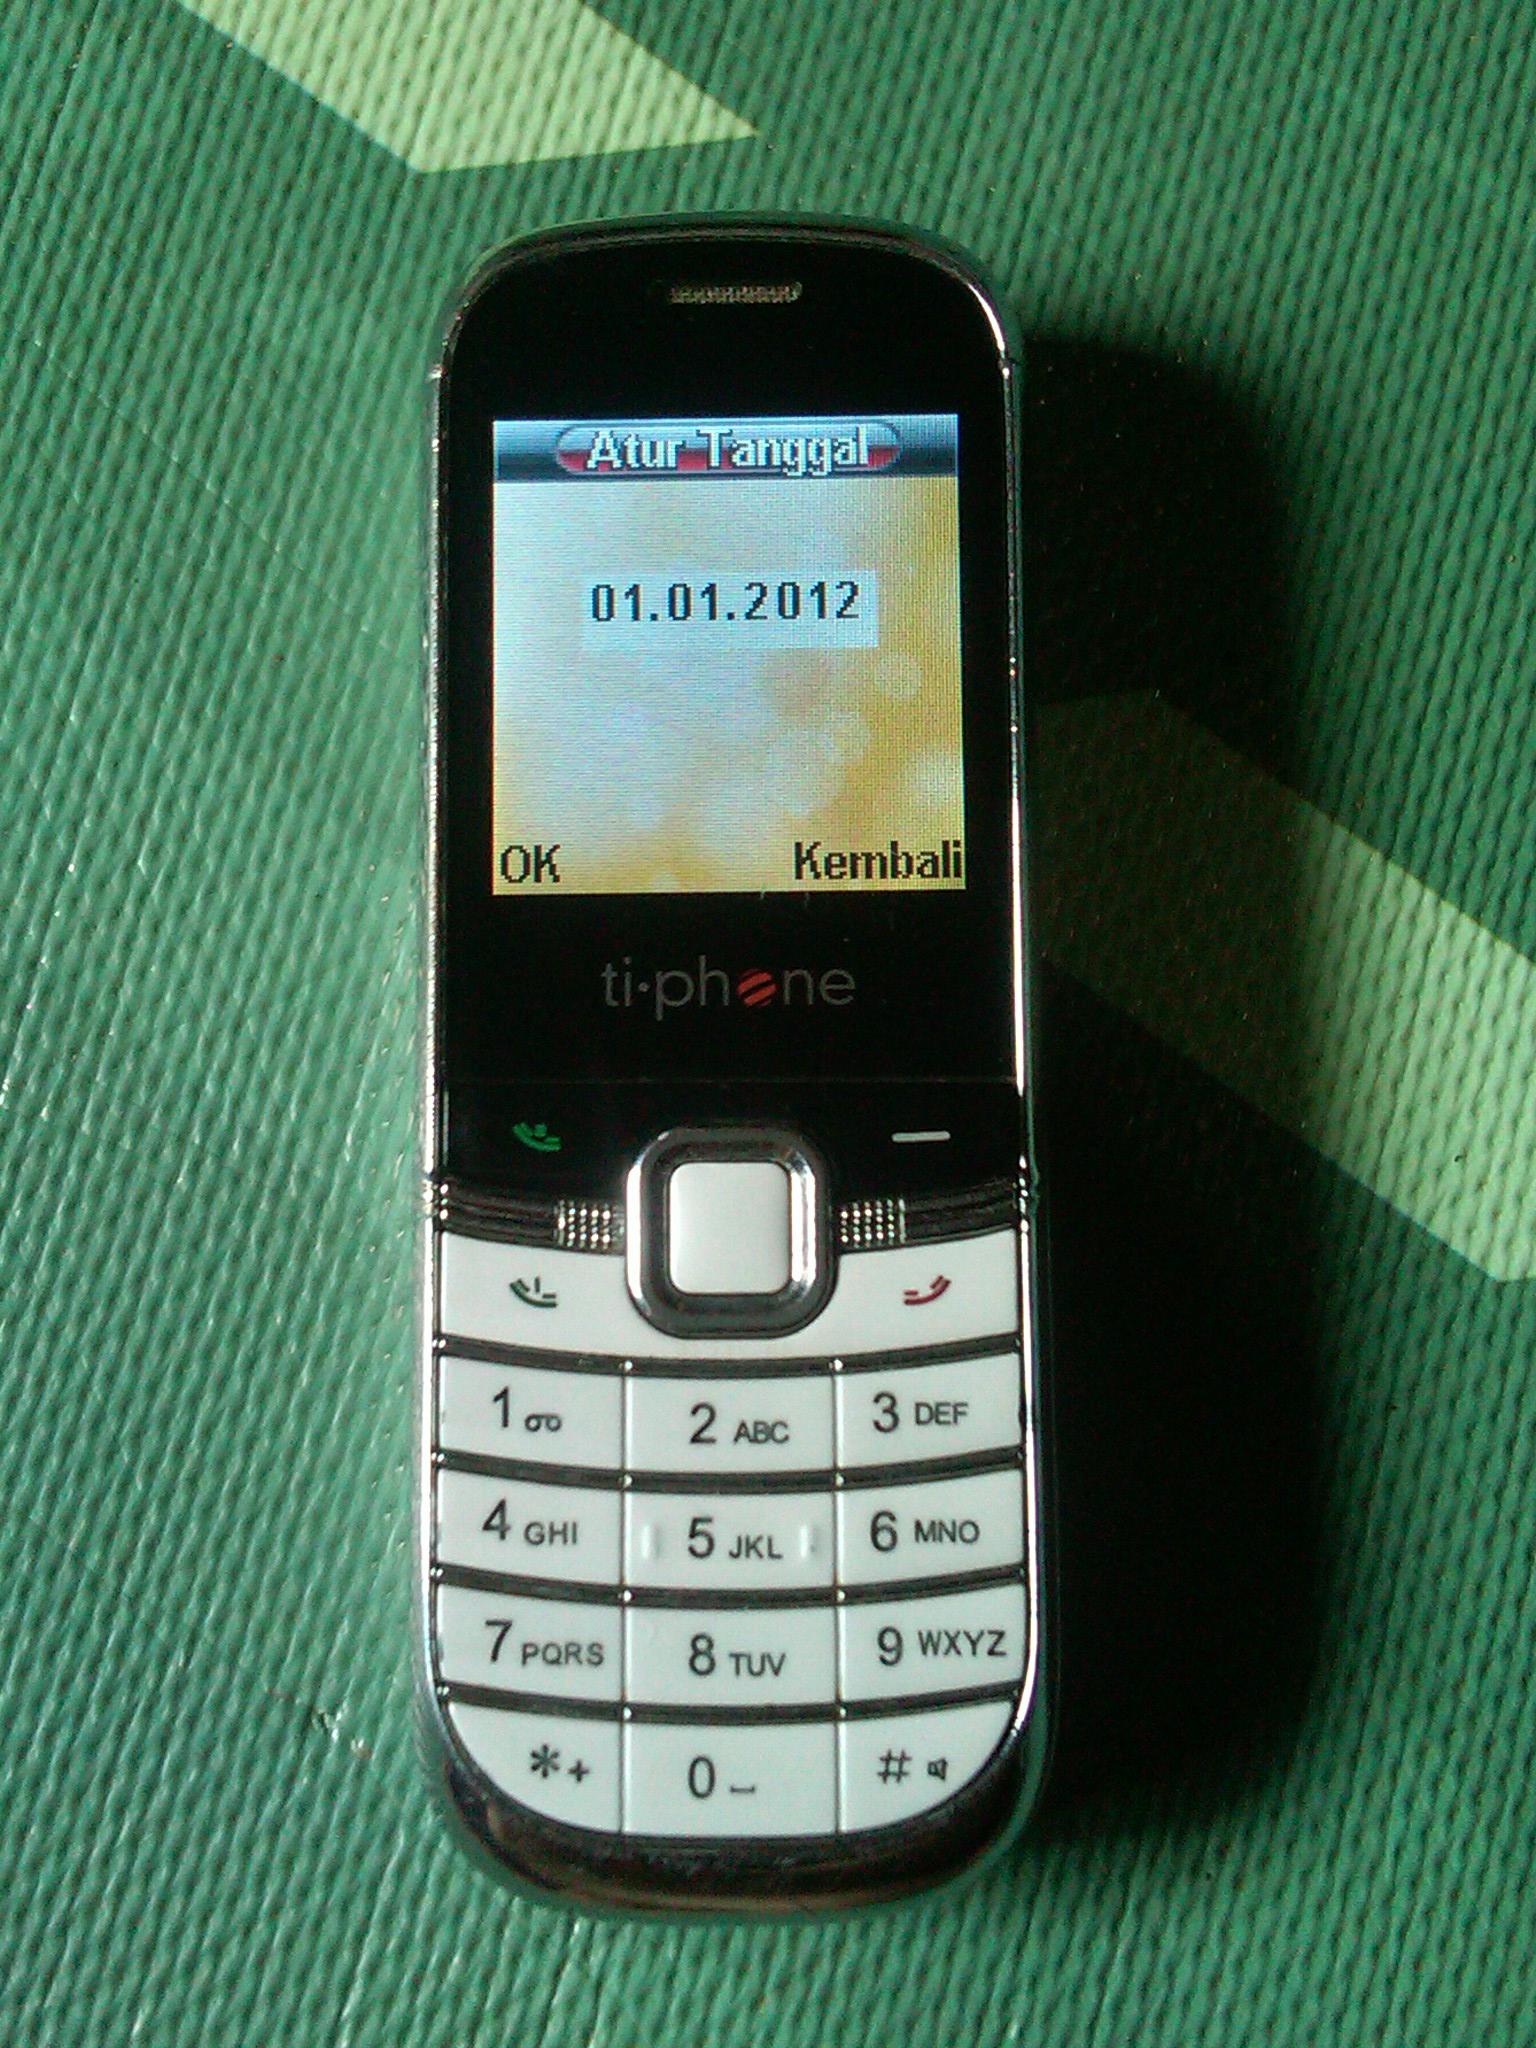 554837_154b16d1-f348-412d-a528-02227cfbdc94.jpg